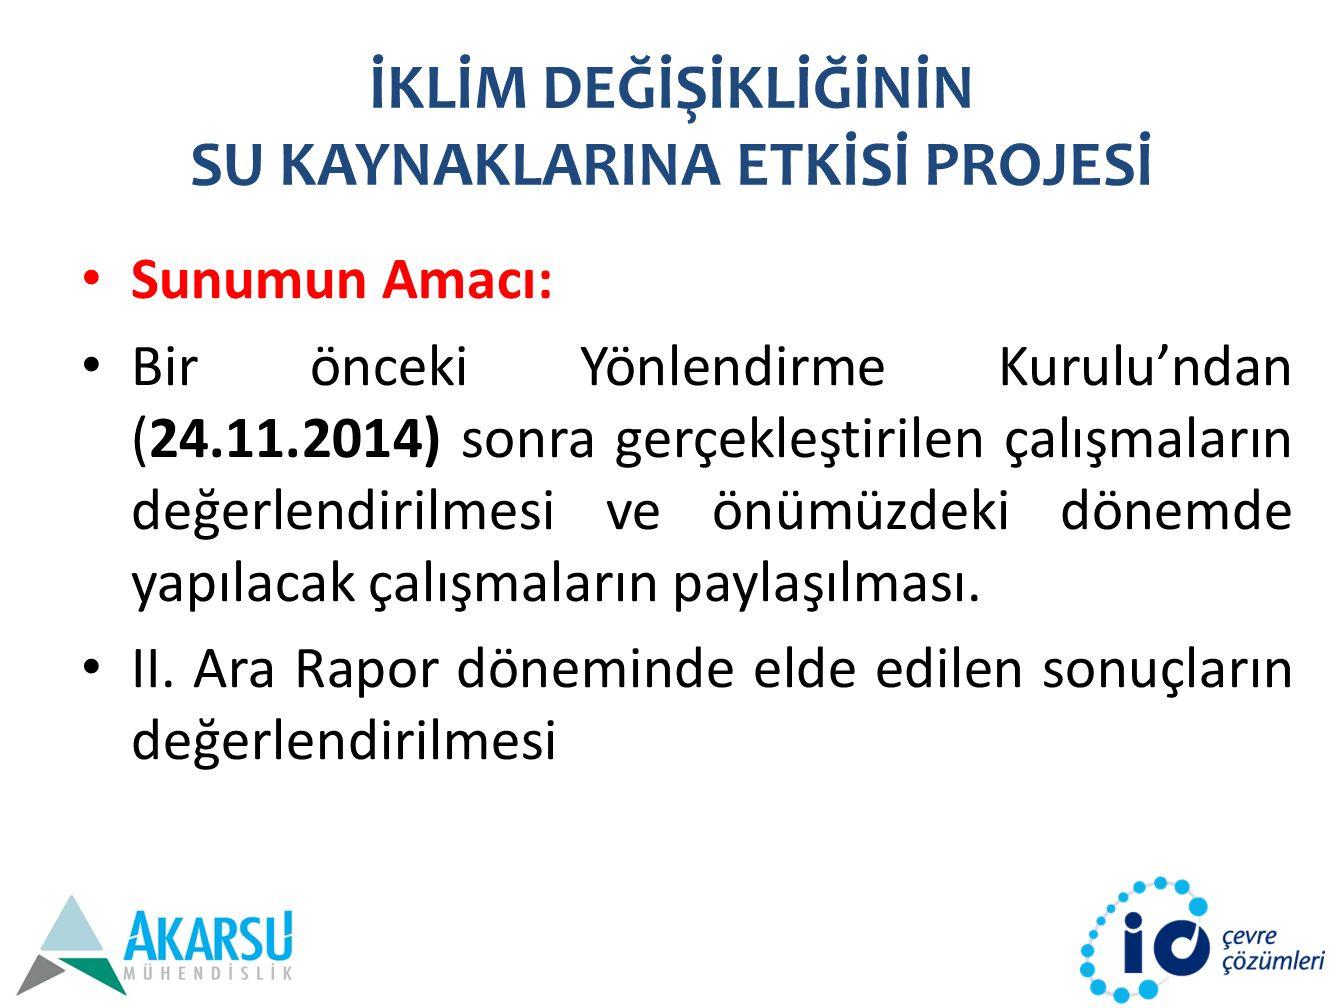 PROJE KAPSAMINDA TESLİM EDİLECEK RAPORLAR VE SÜRELERİ 11.03.2014